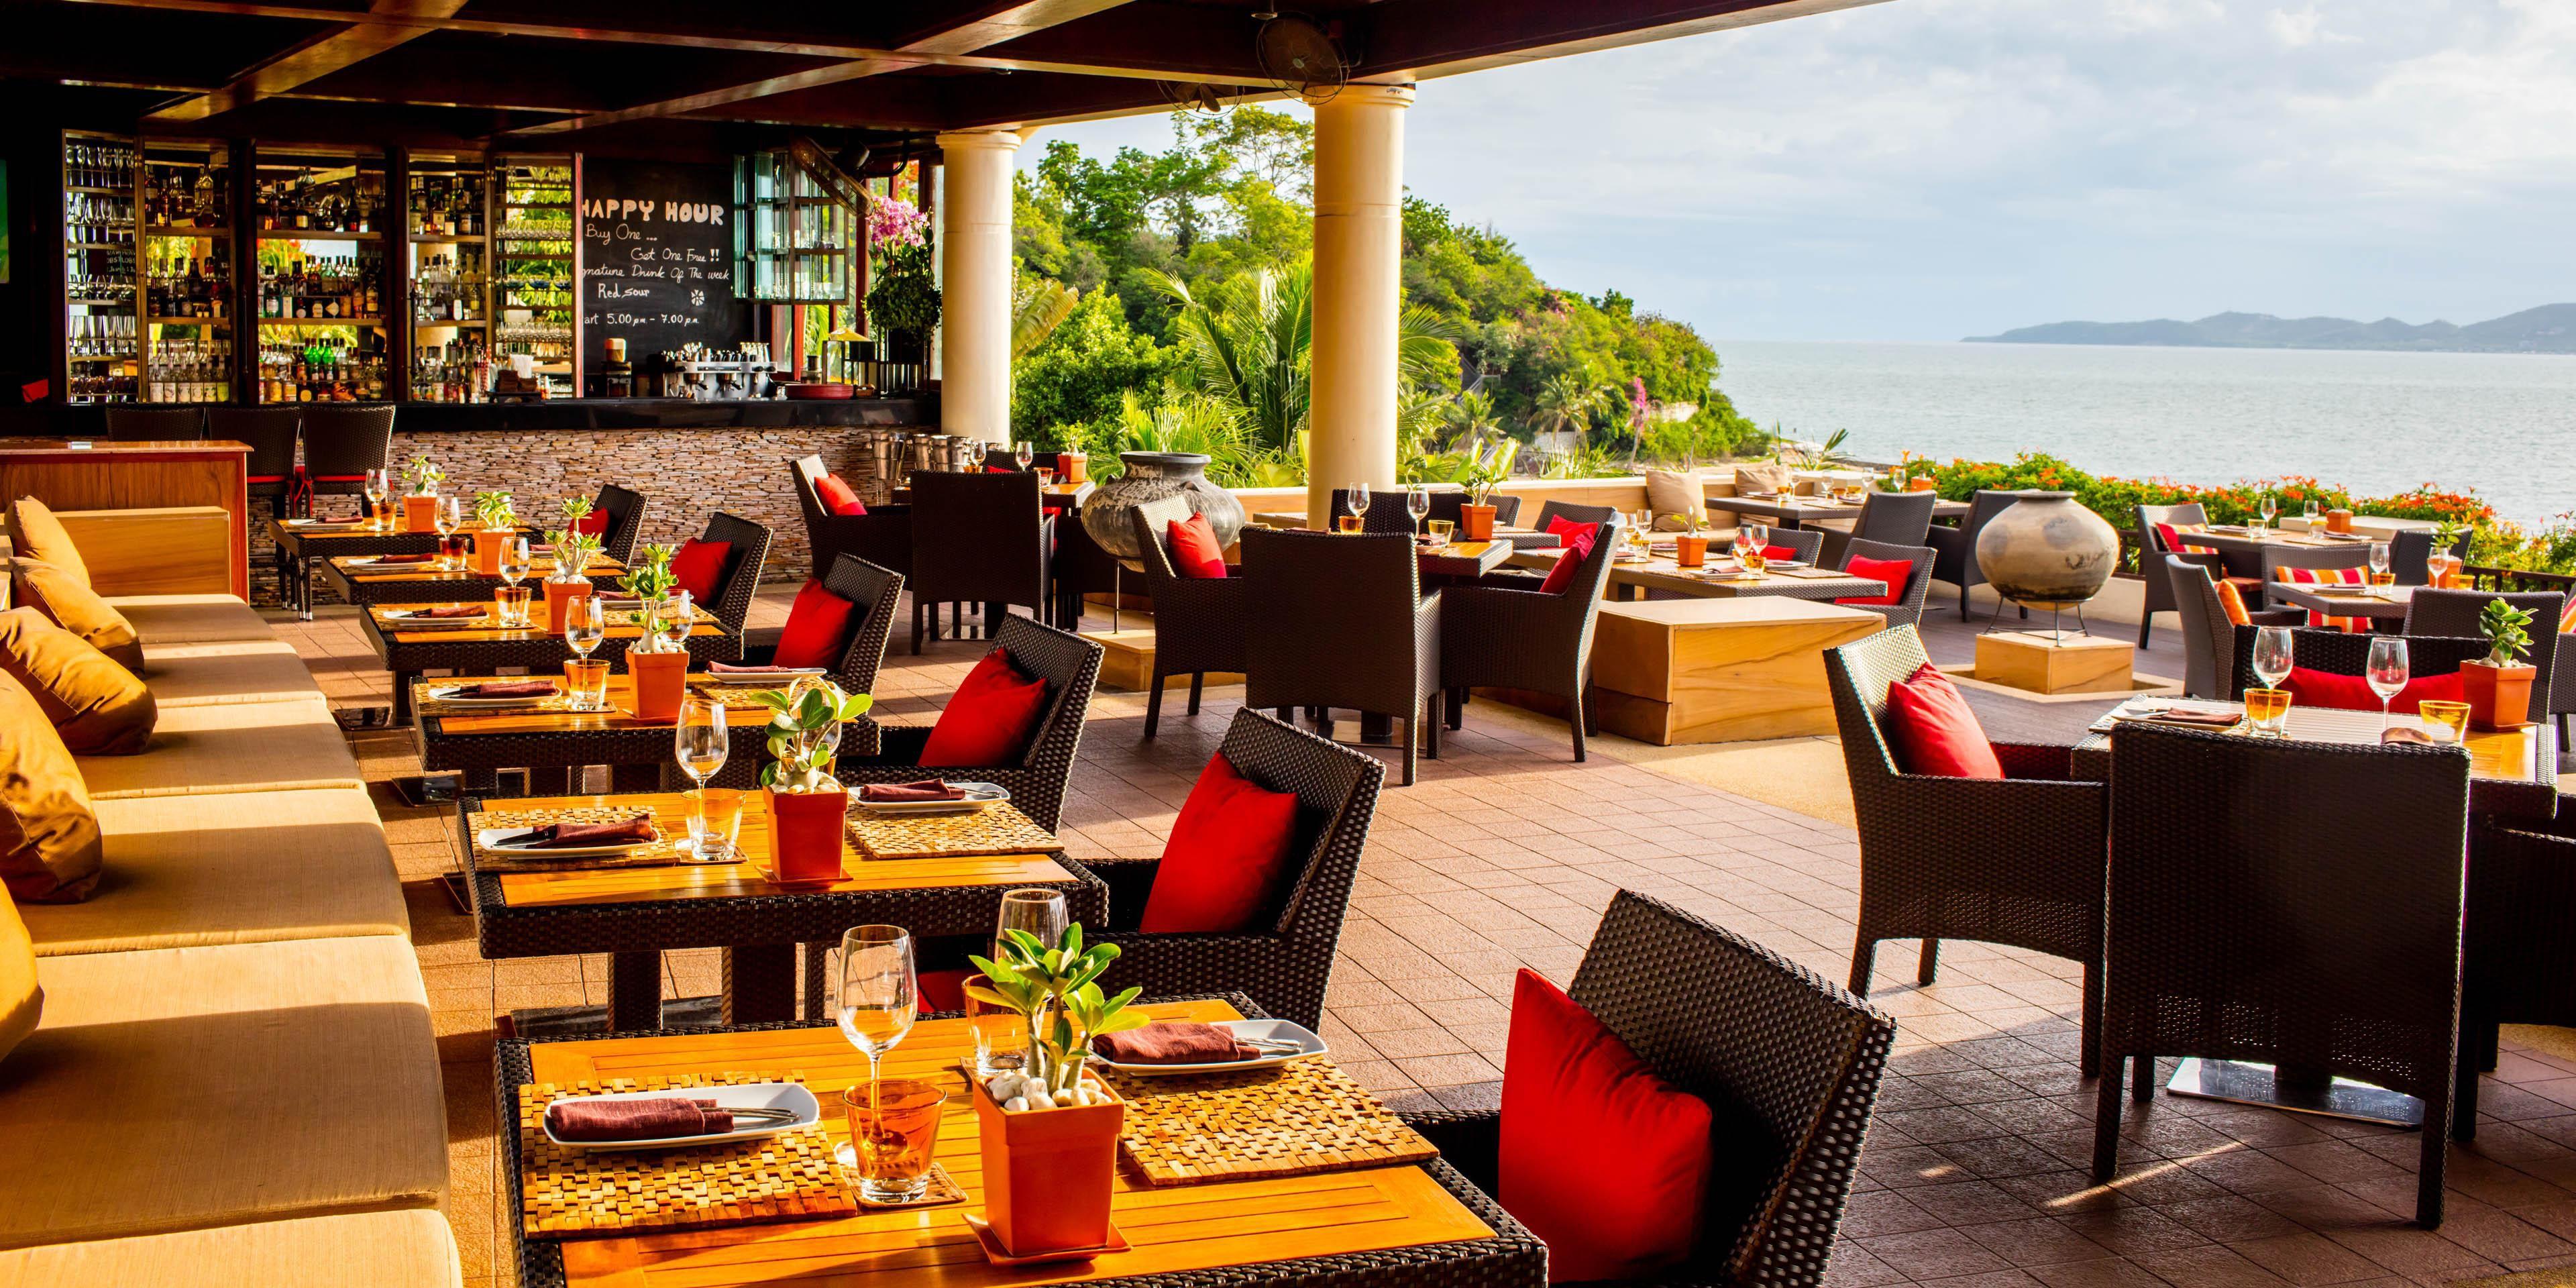 أفضل مطاعم في بتايا تايلاند (3)